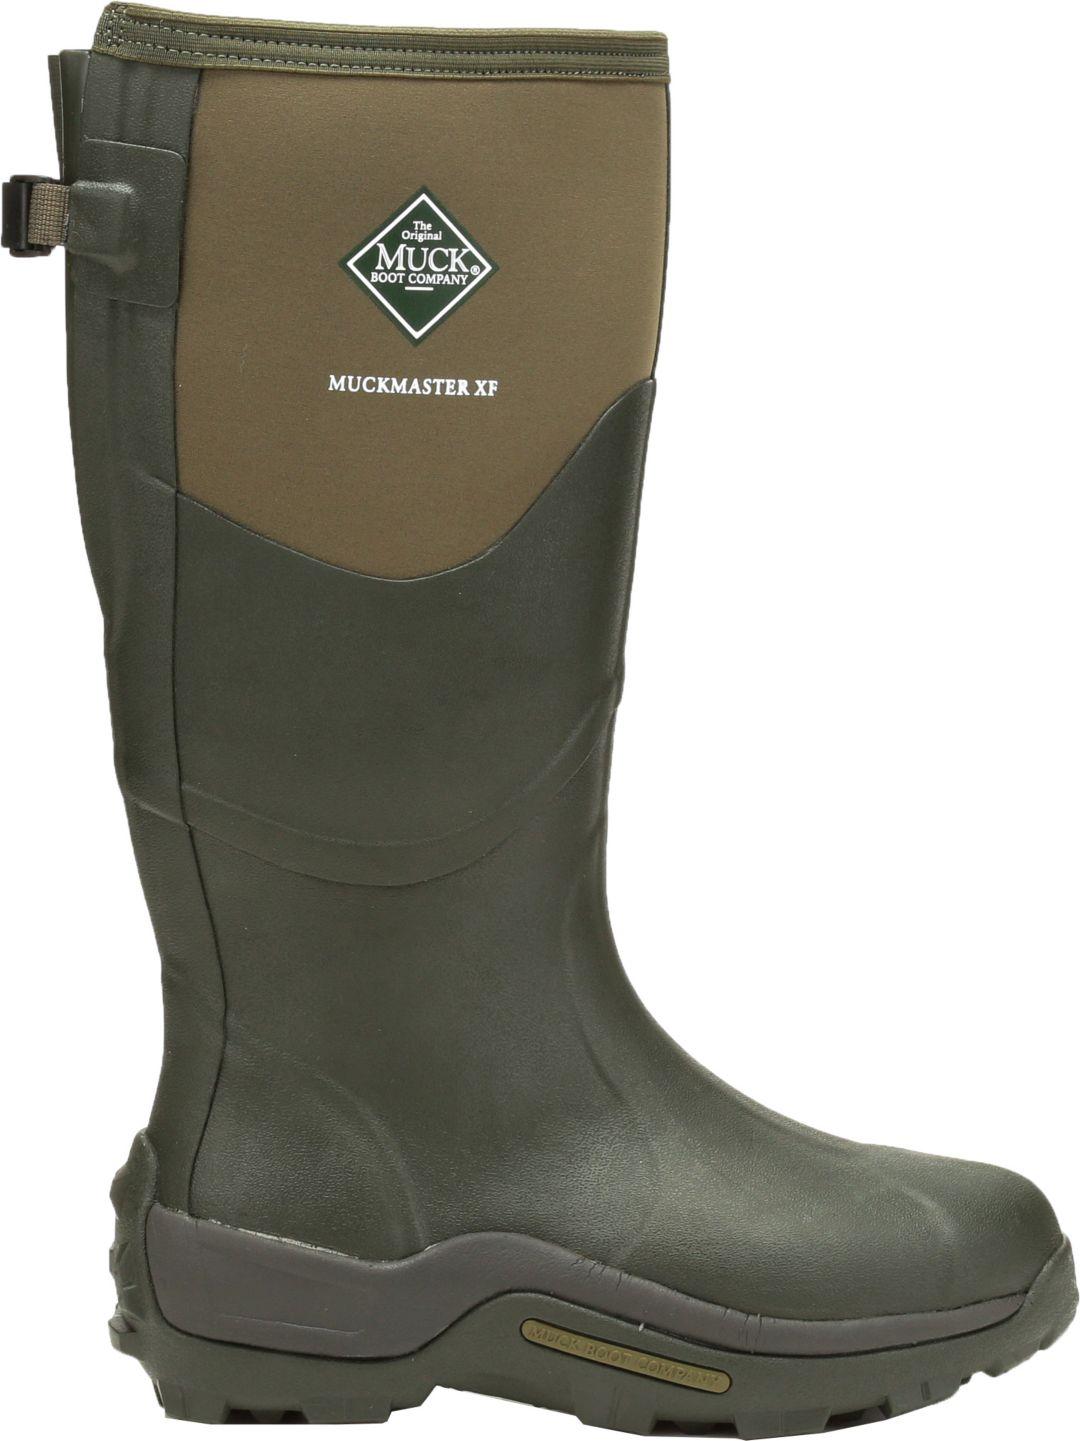 Cheap Muck Boots For Men